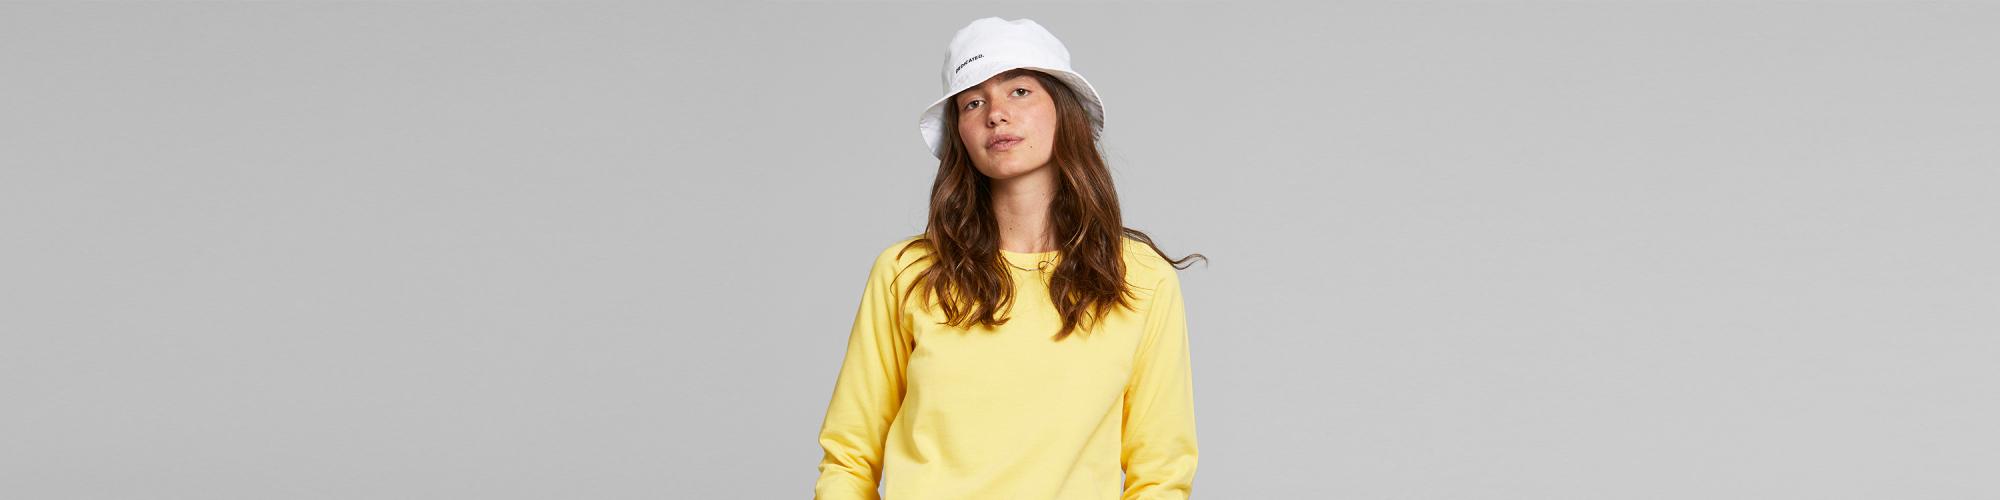 Women's Headwear